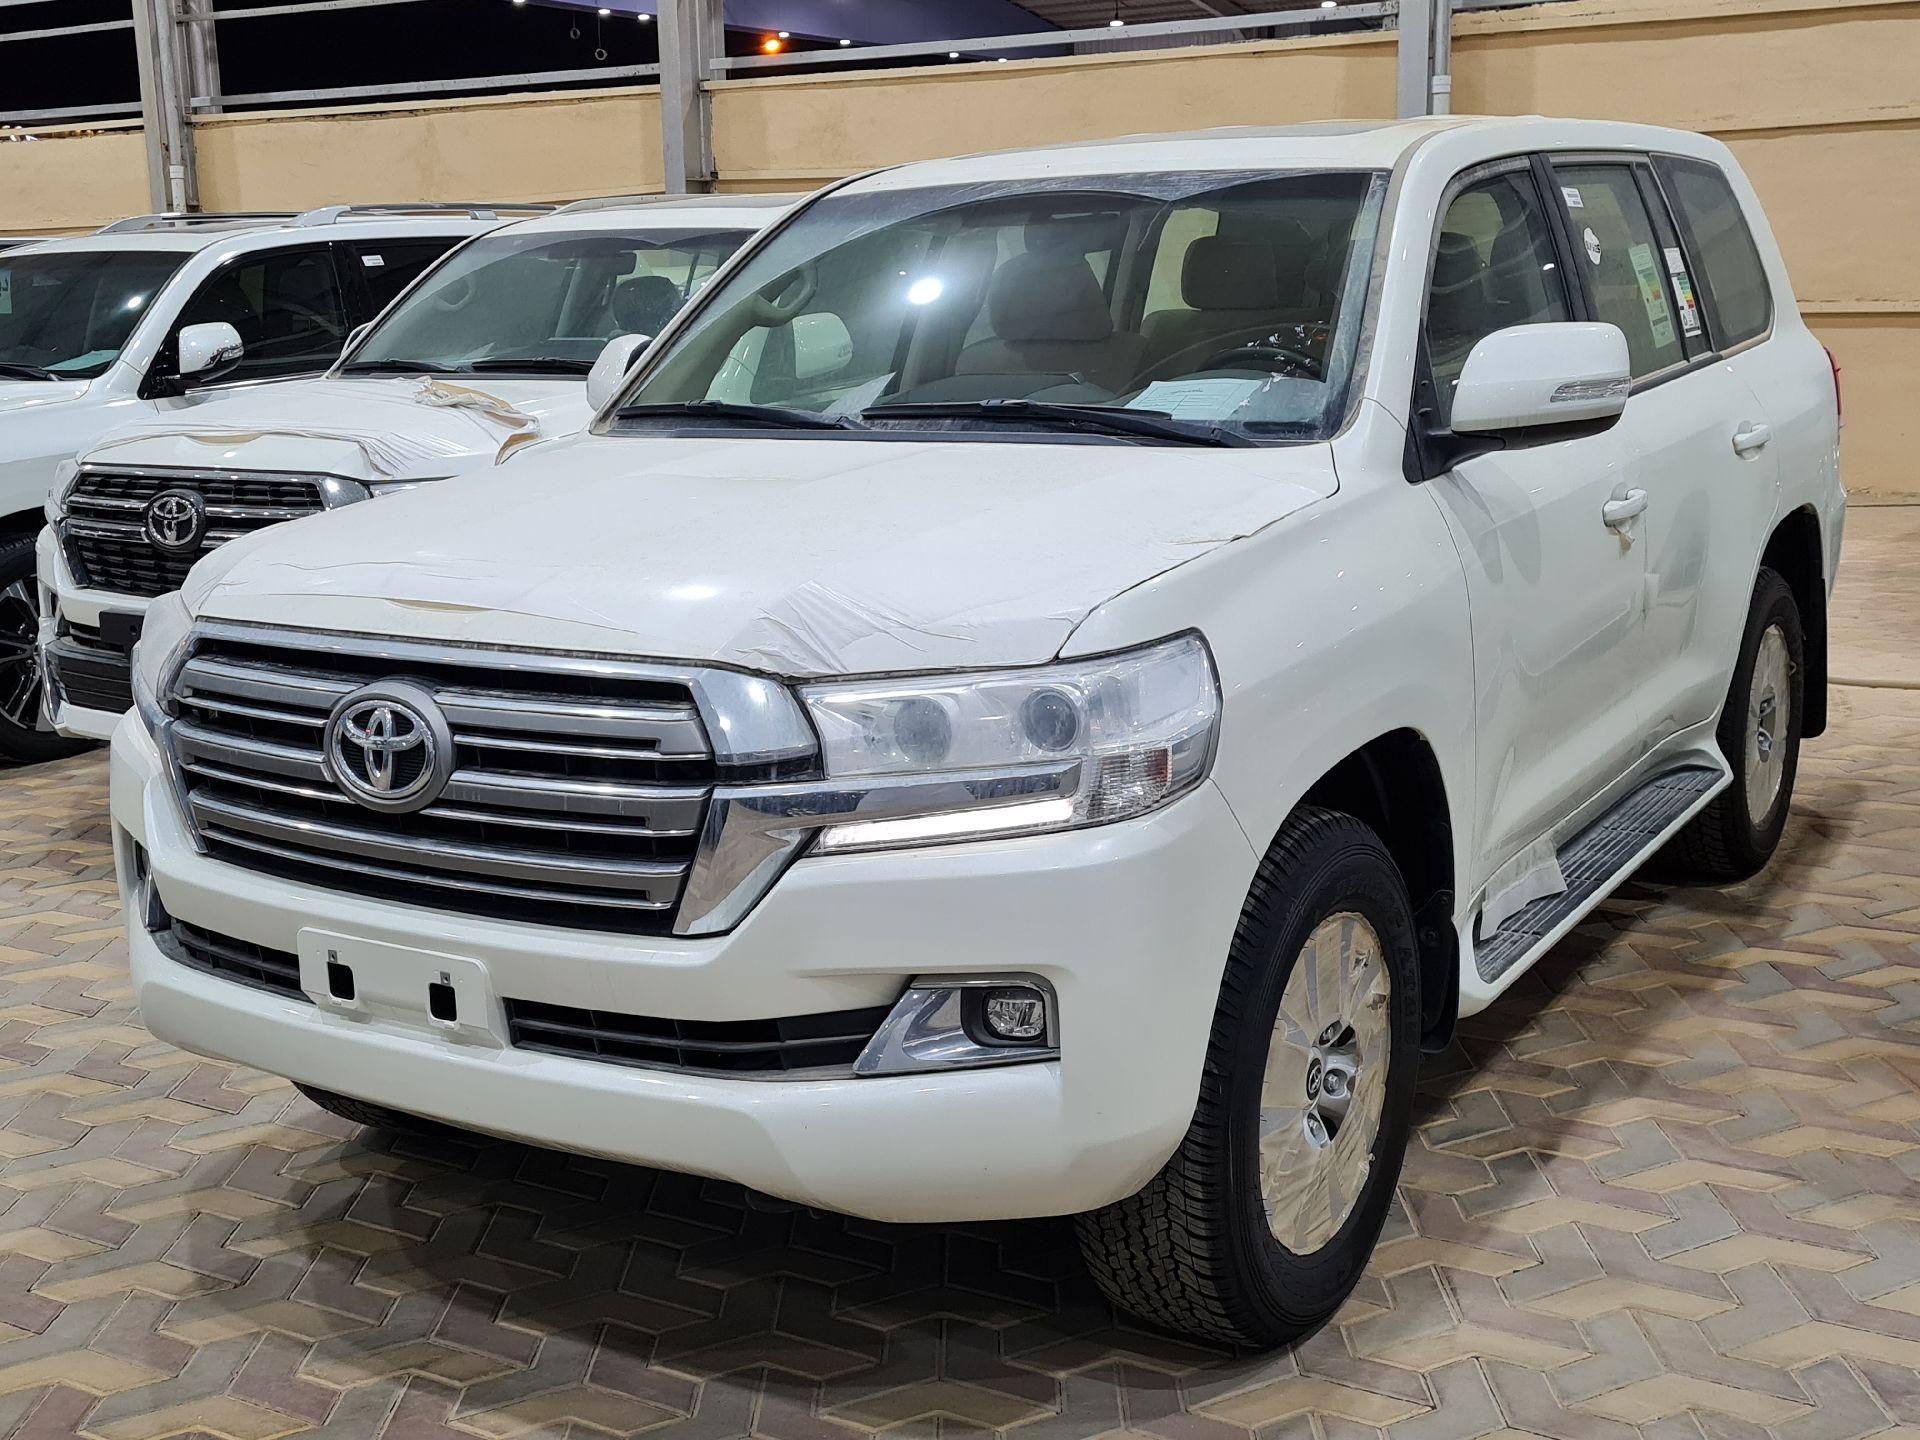 تويوتا لاندكروزر GXR2 2021 نص فل كويتي للبيع في الرياض - السعودية - صورة كبيرة - 1